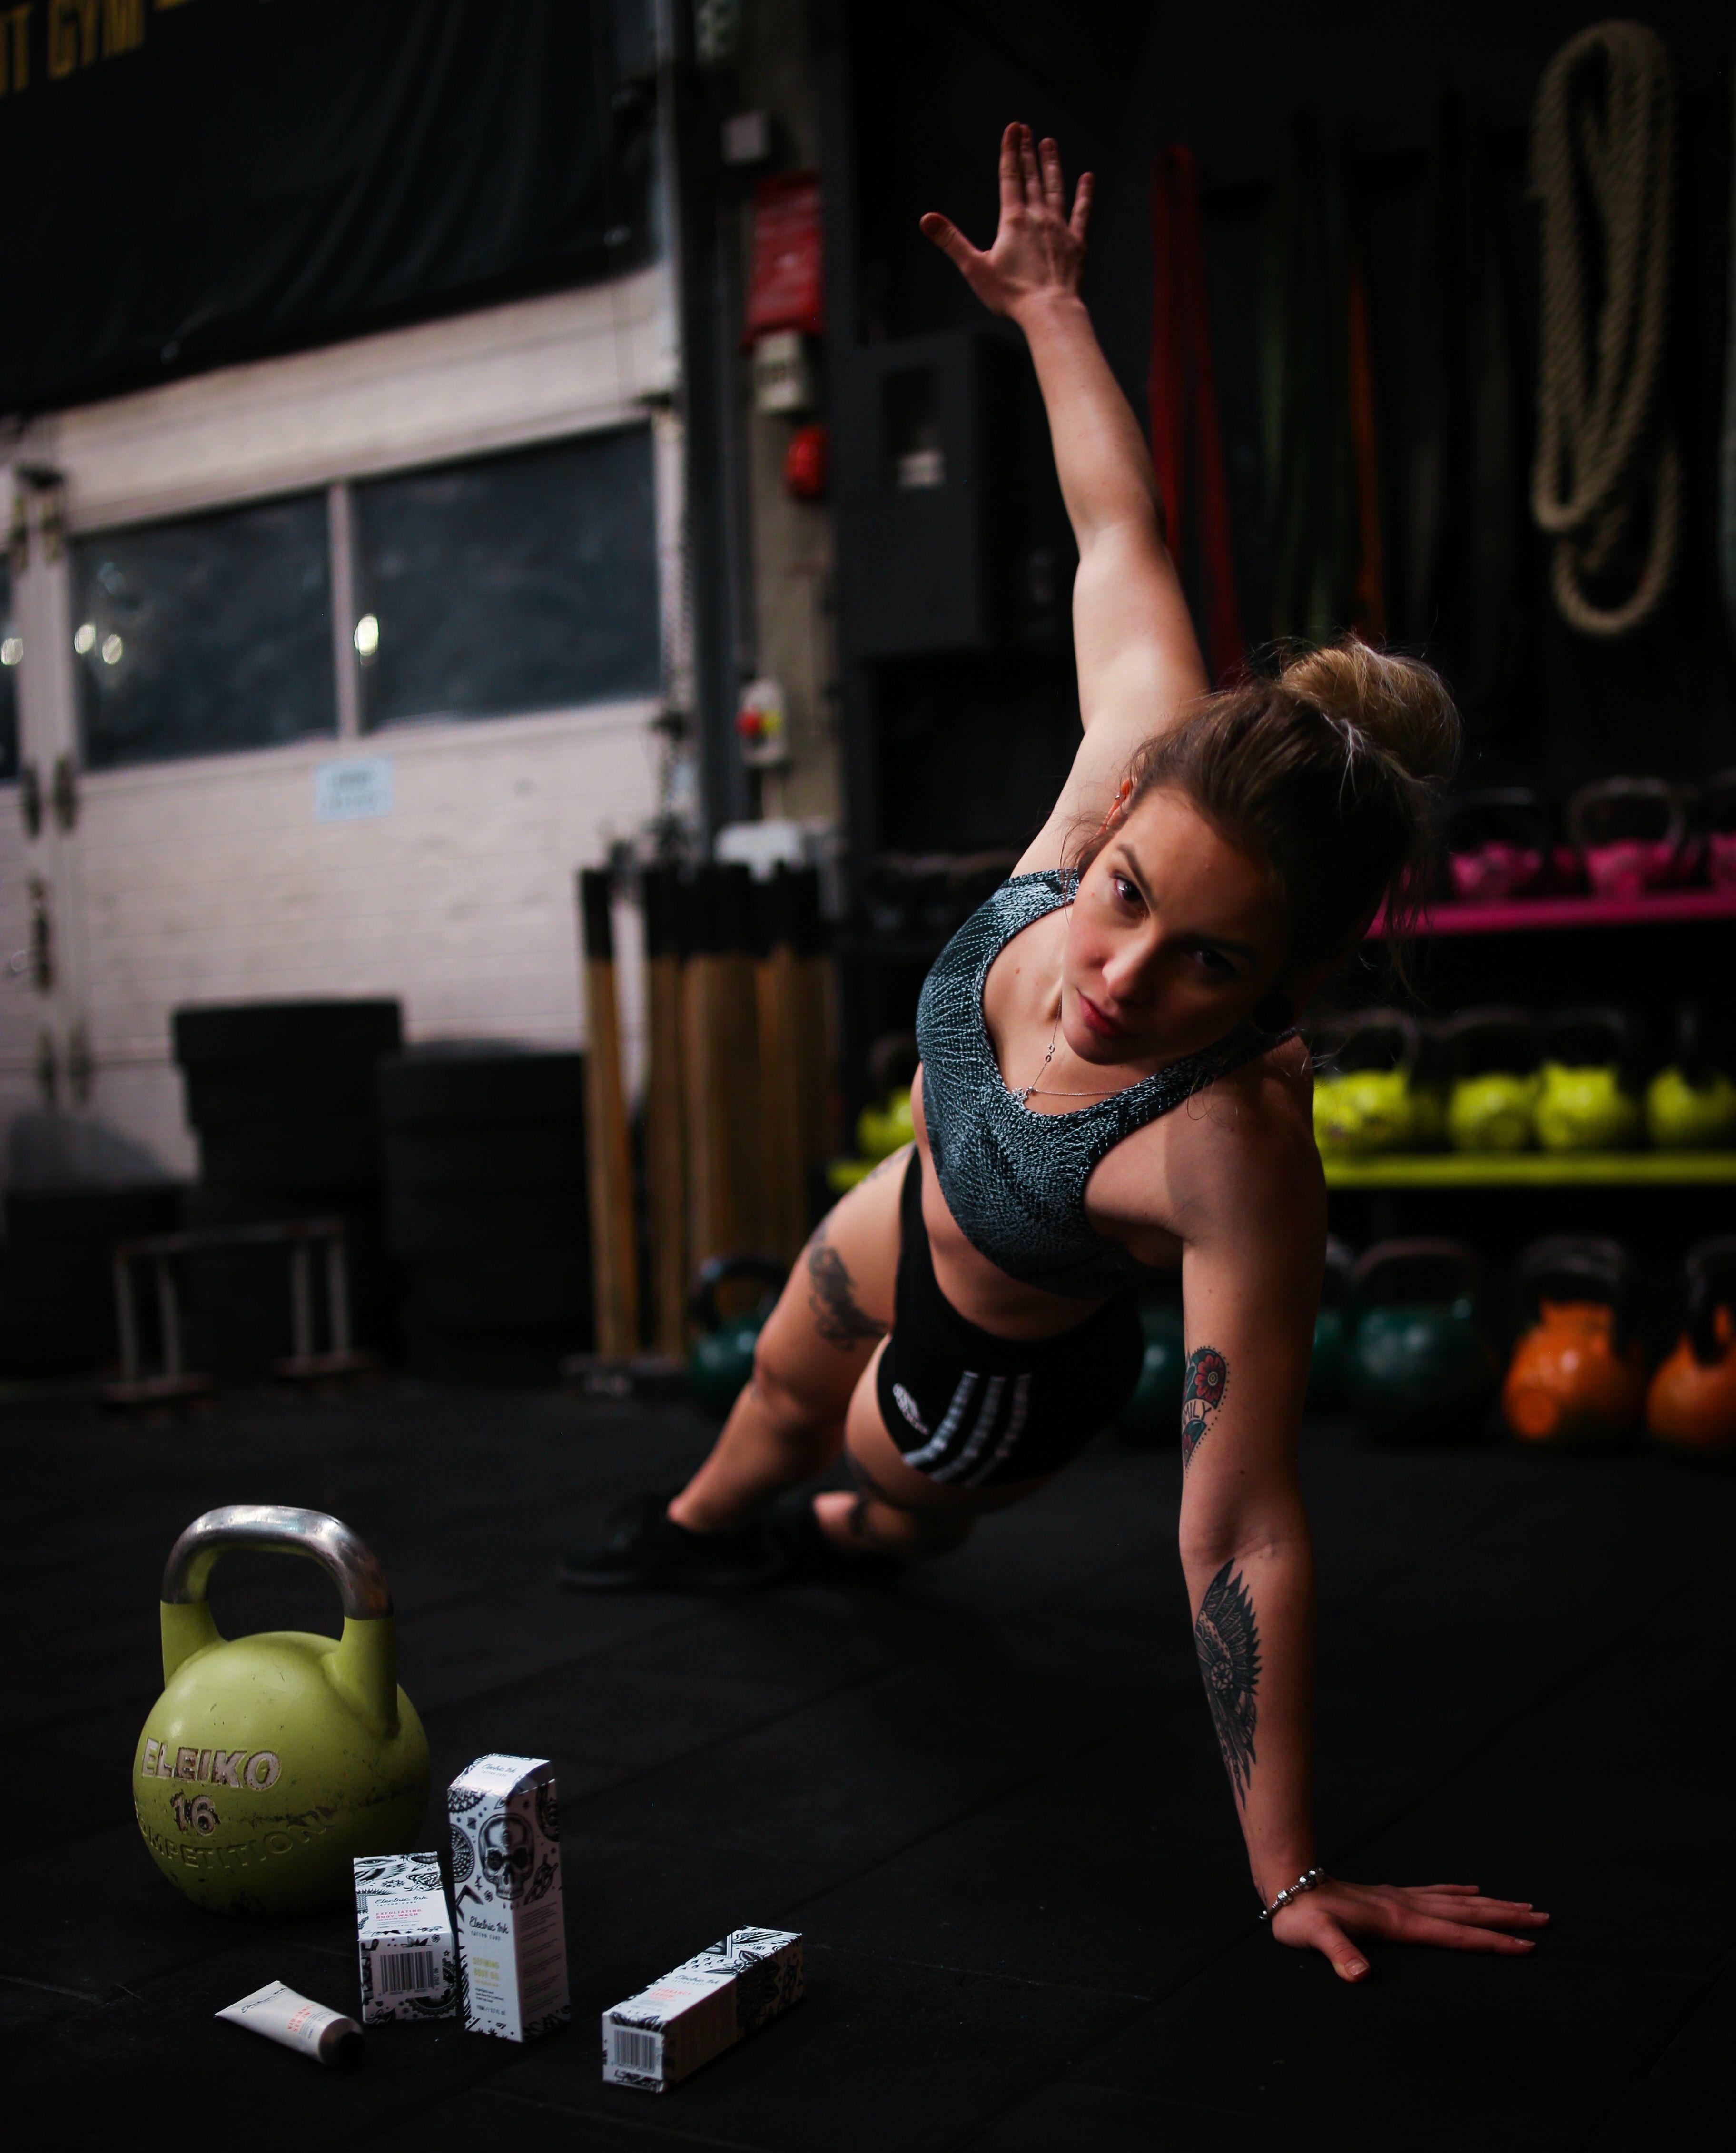 Hypertrophie statt Krafttraining für größere Muskeln und Muskelaufbau